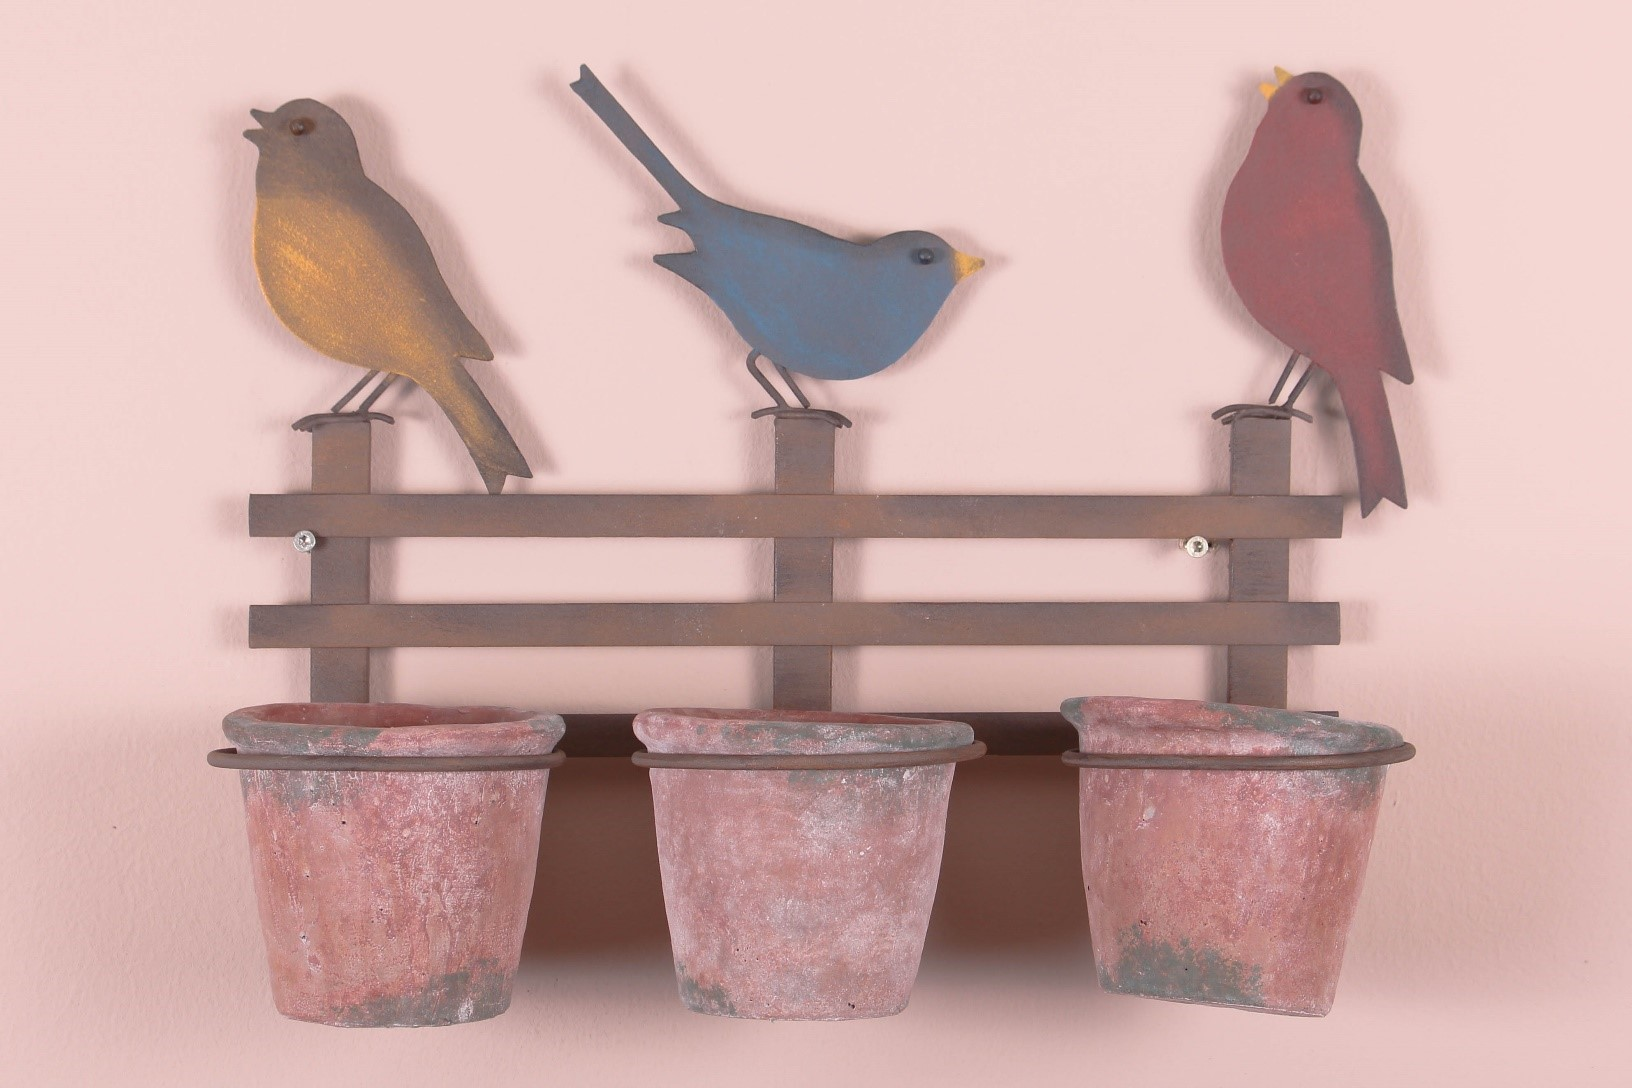 Porte plante 3 oiseaux sur barricade